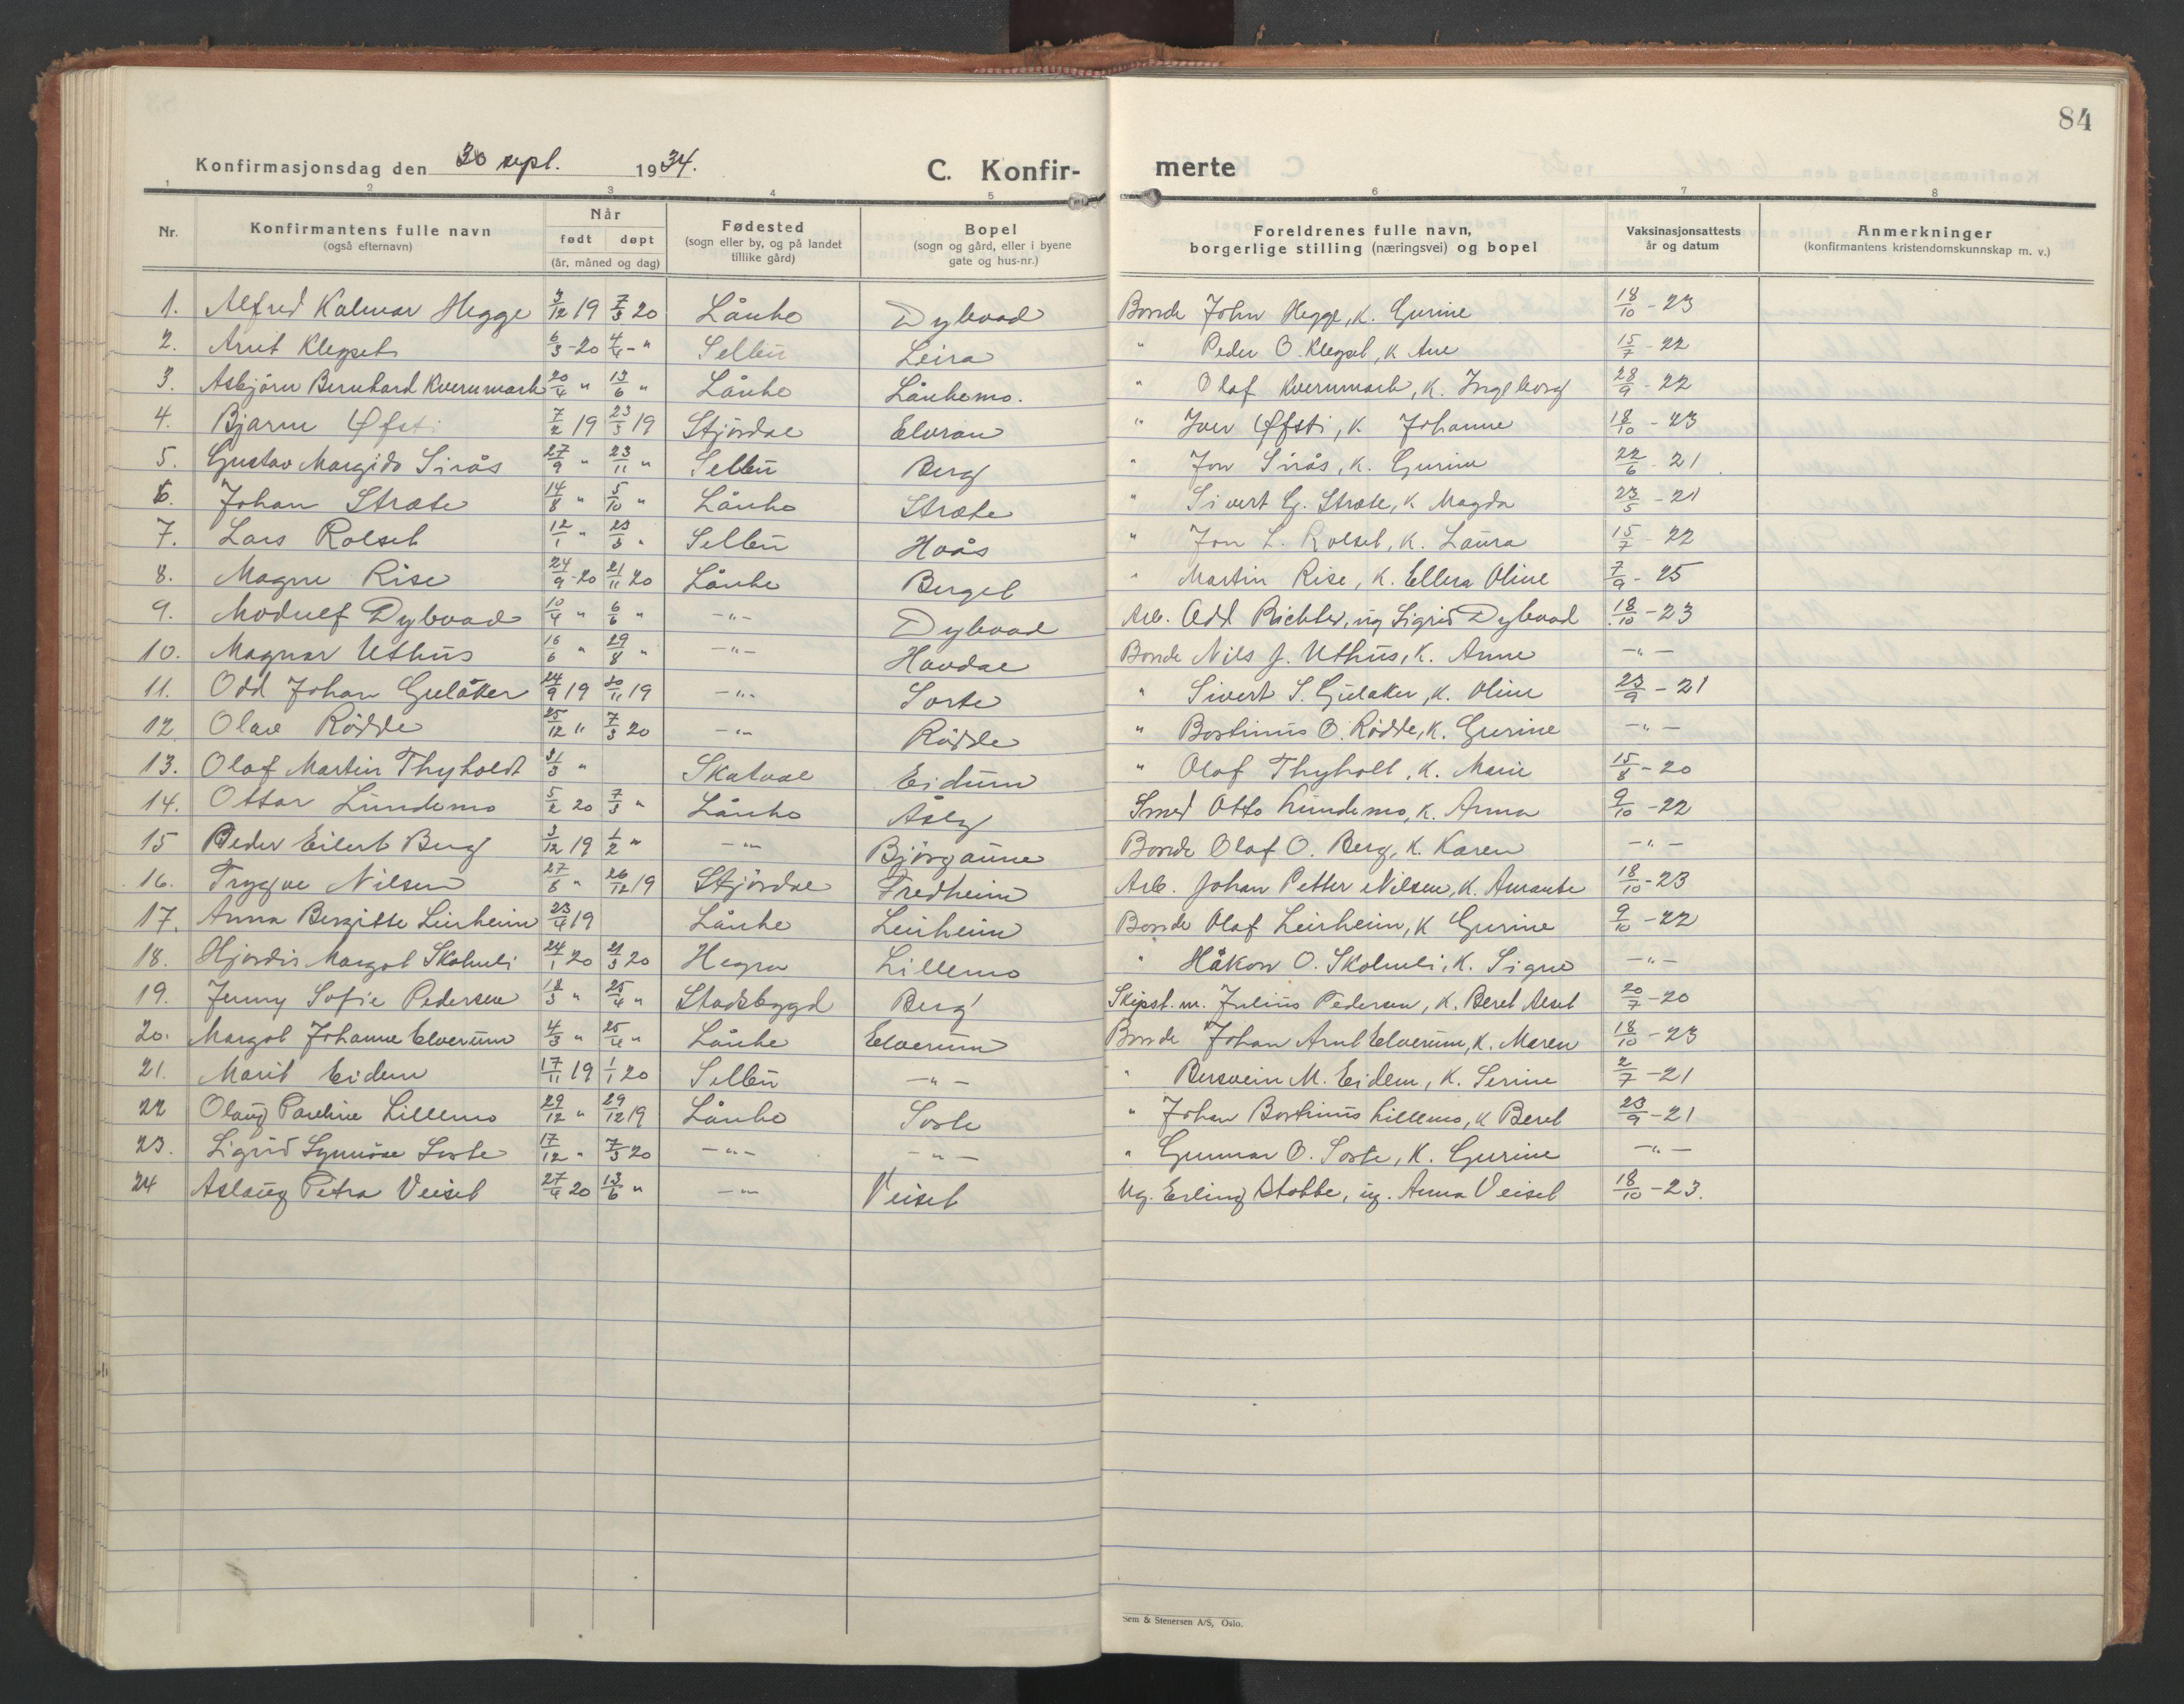 SAT, Ministerialprotokoller, klokkerbøker og fødselsregistre - Nord-Trøndelag, 710/L0097: Klokkerbok nr. 710C02, 1925-1955, s. 84